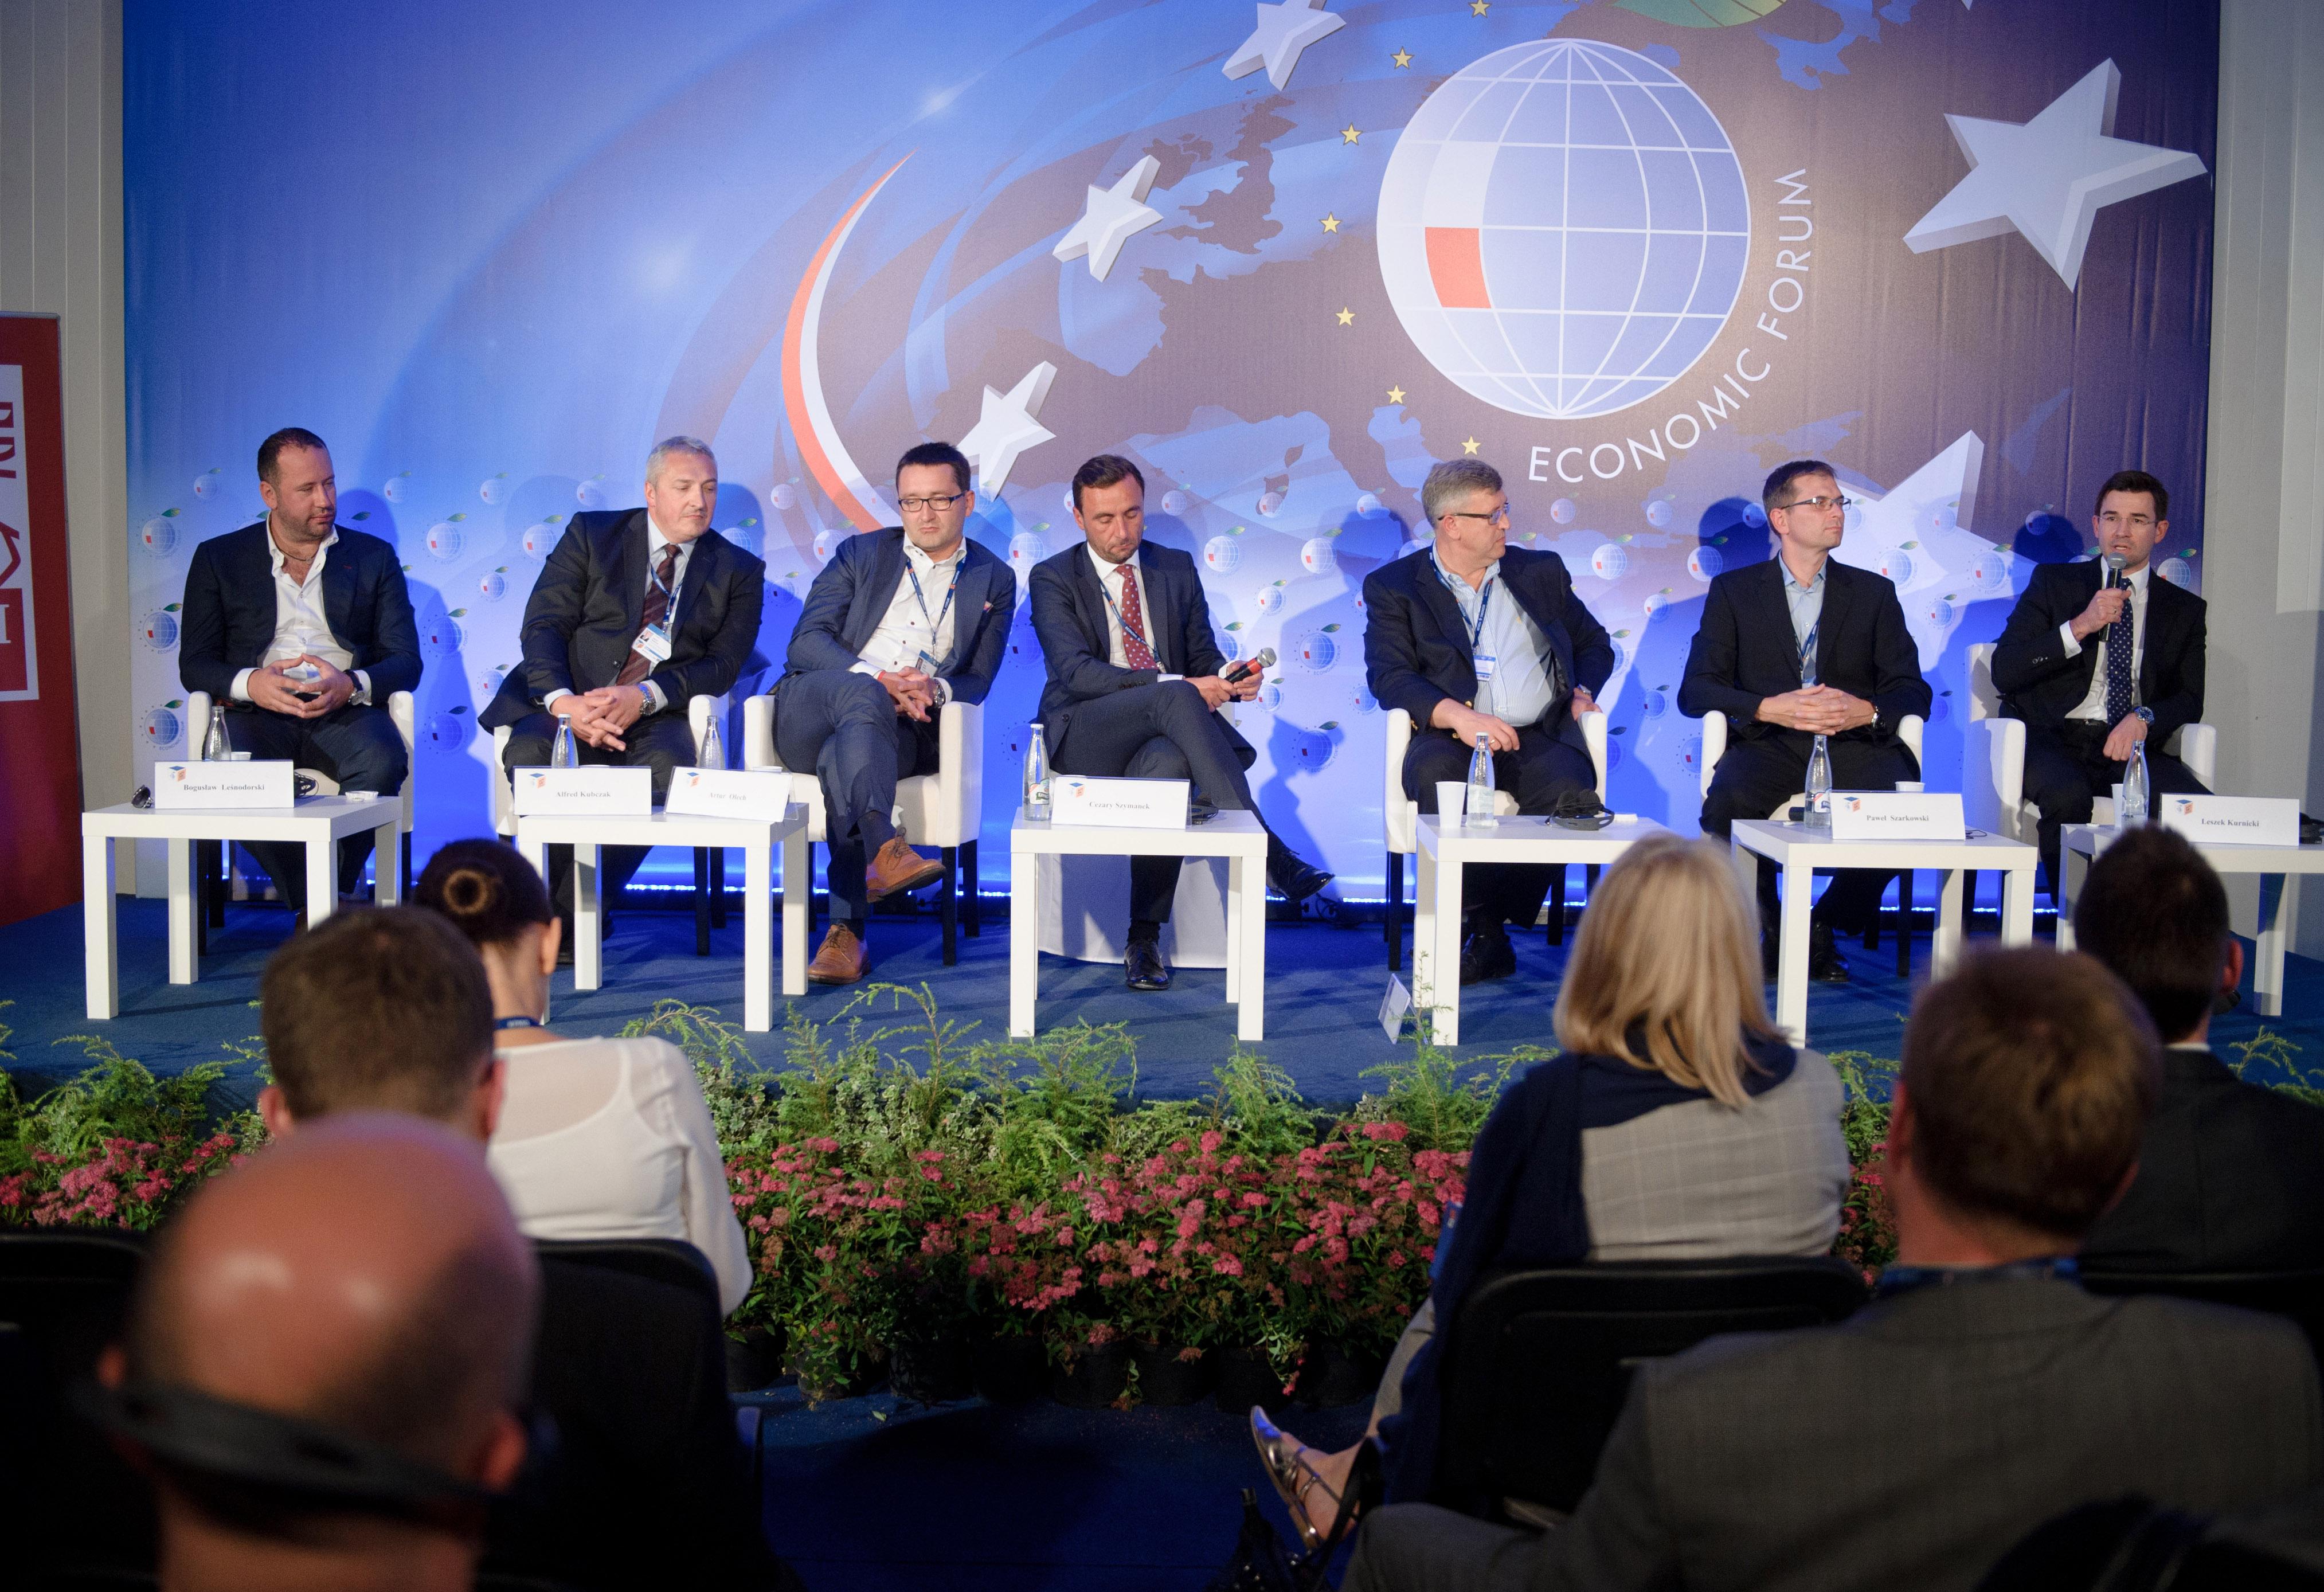 FE w Krynicy 2013 – Marketing sportowy: wsparcie, interes, czy pasja?